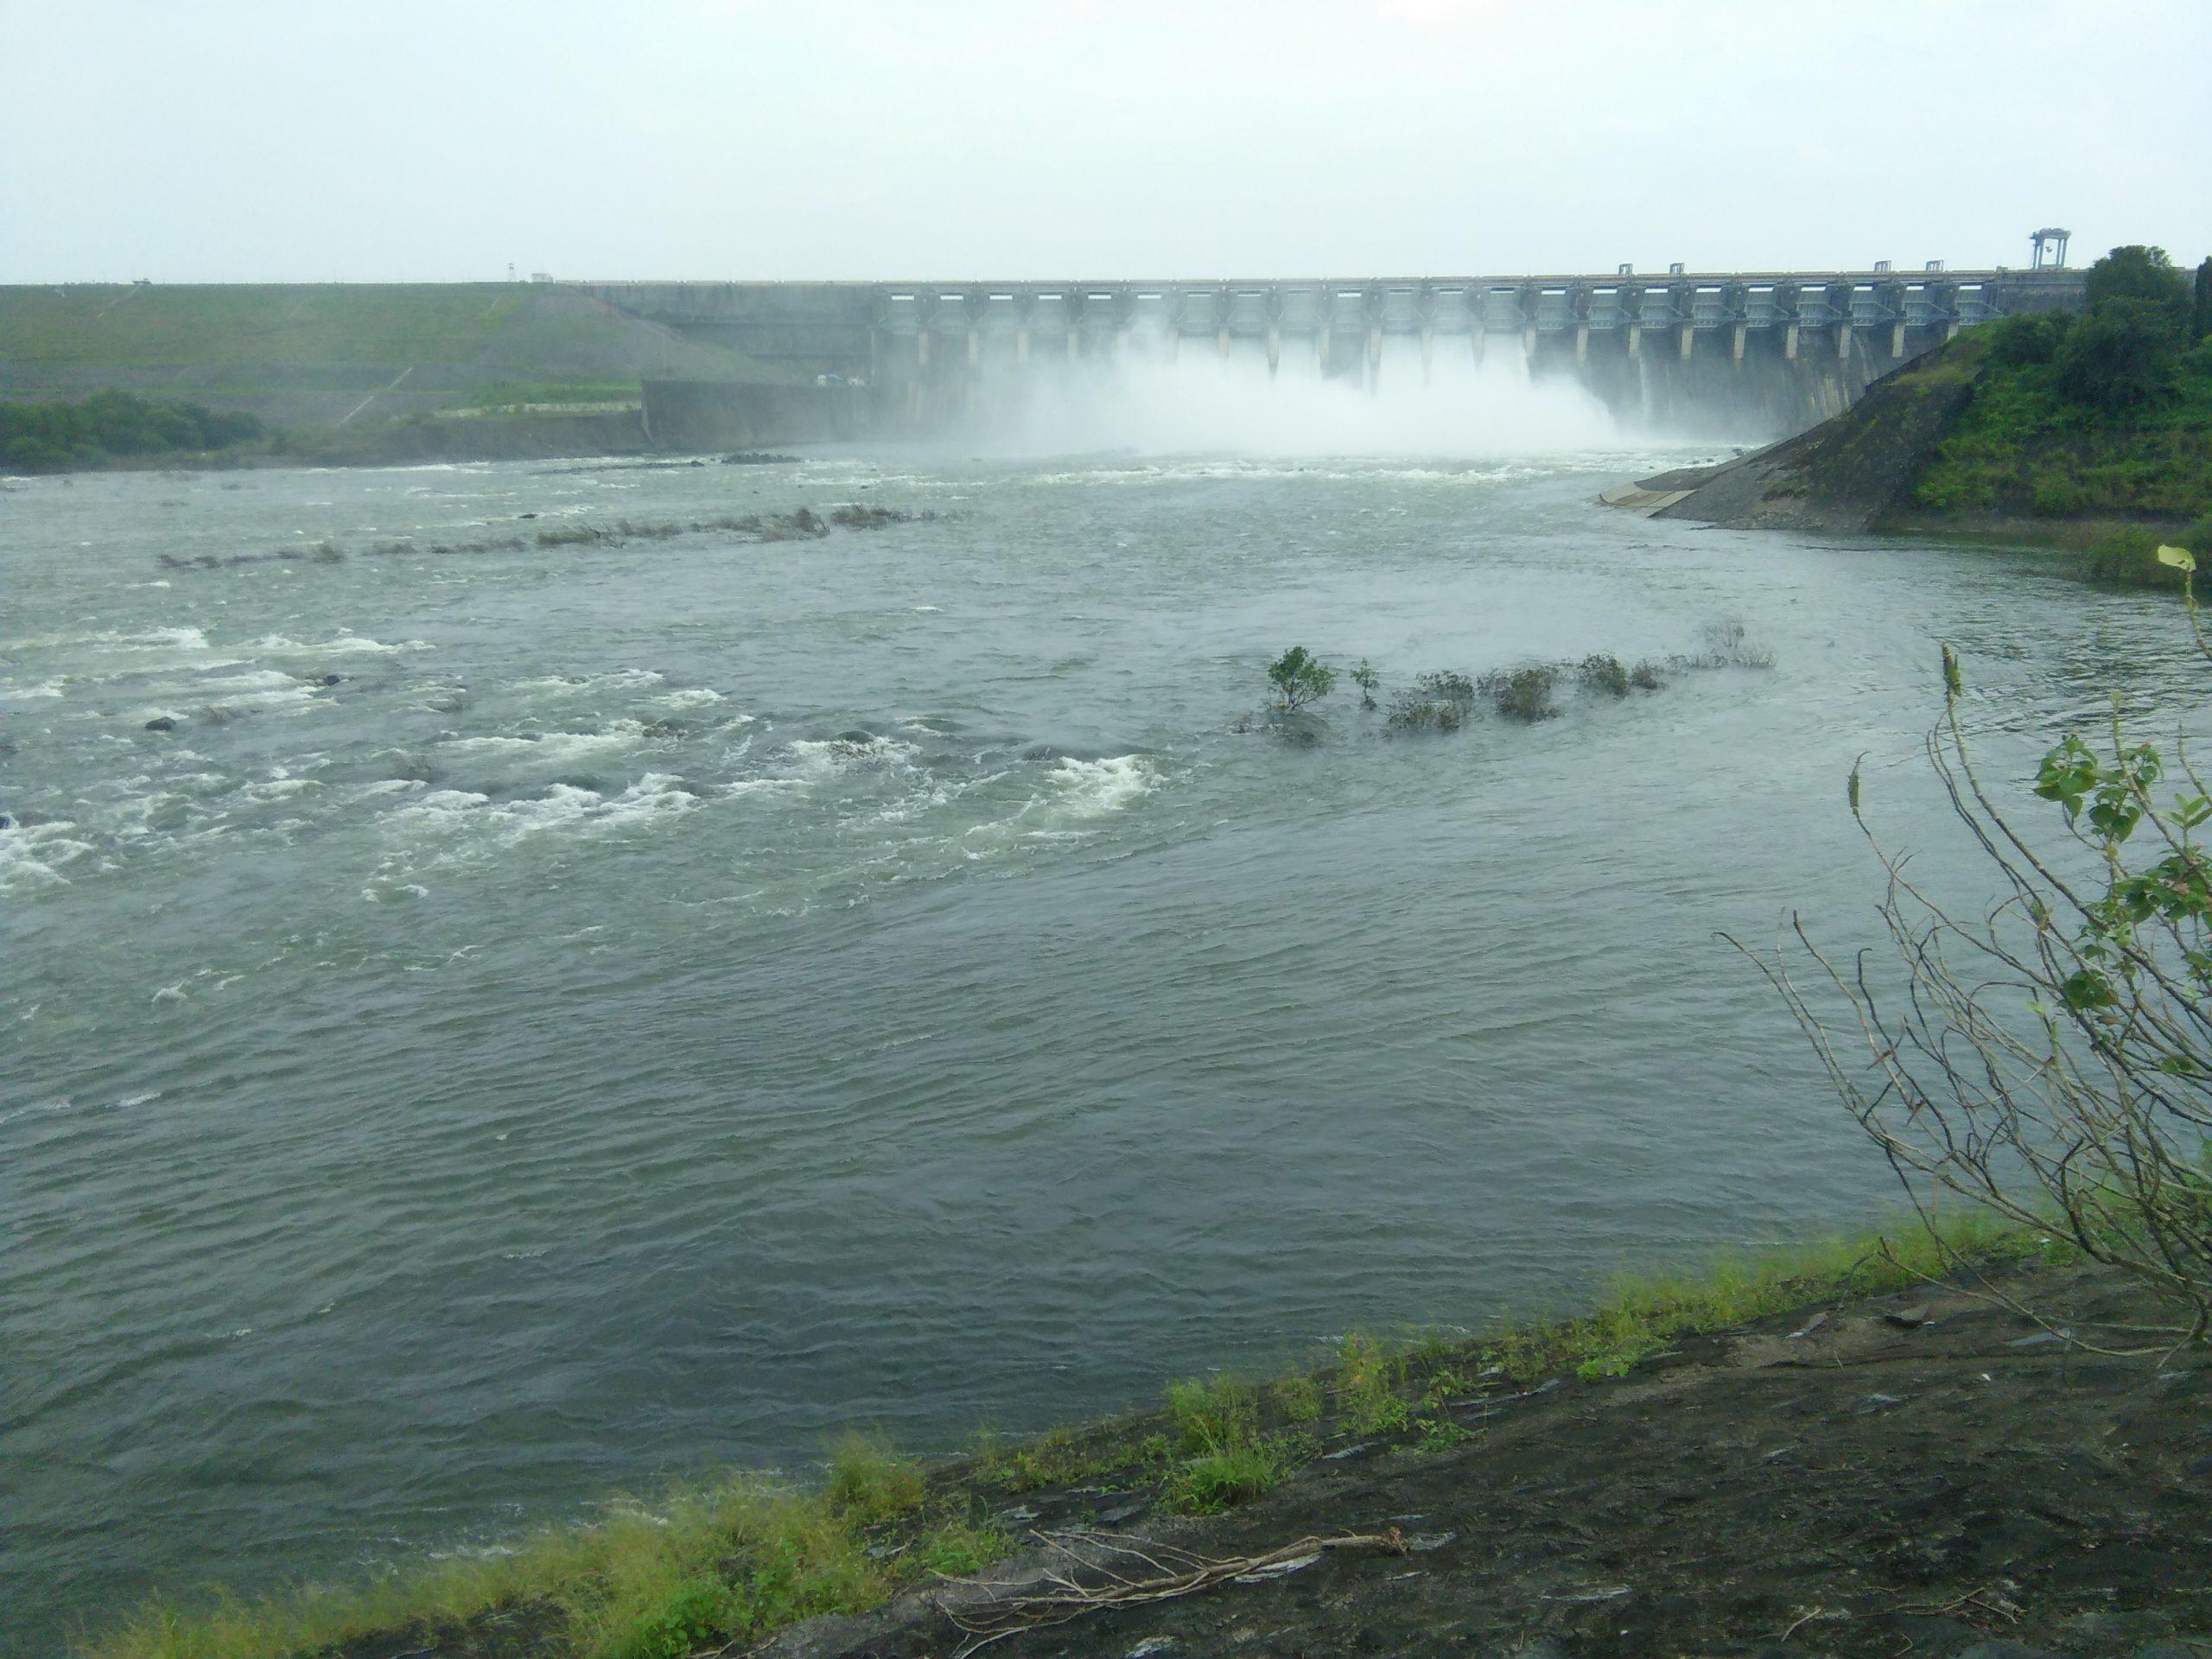 Ukai Dam on Tapi river